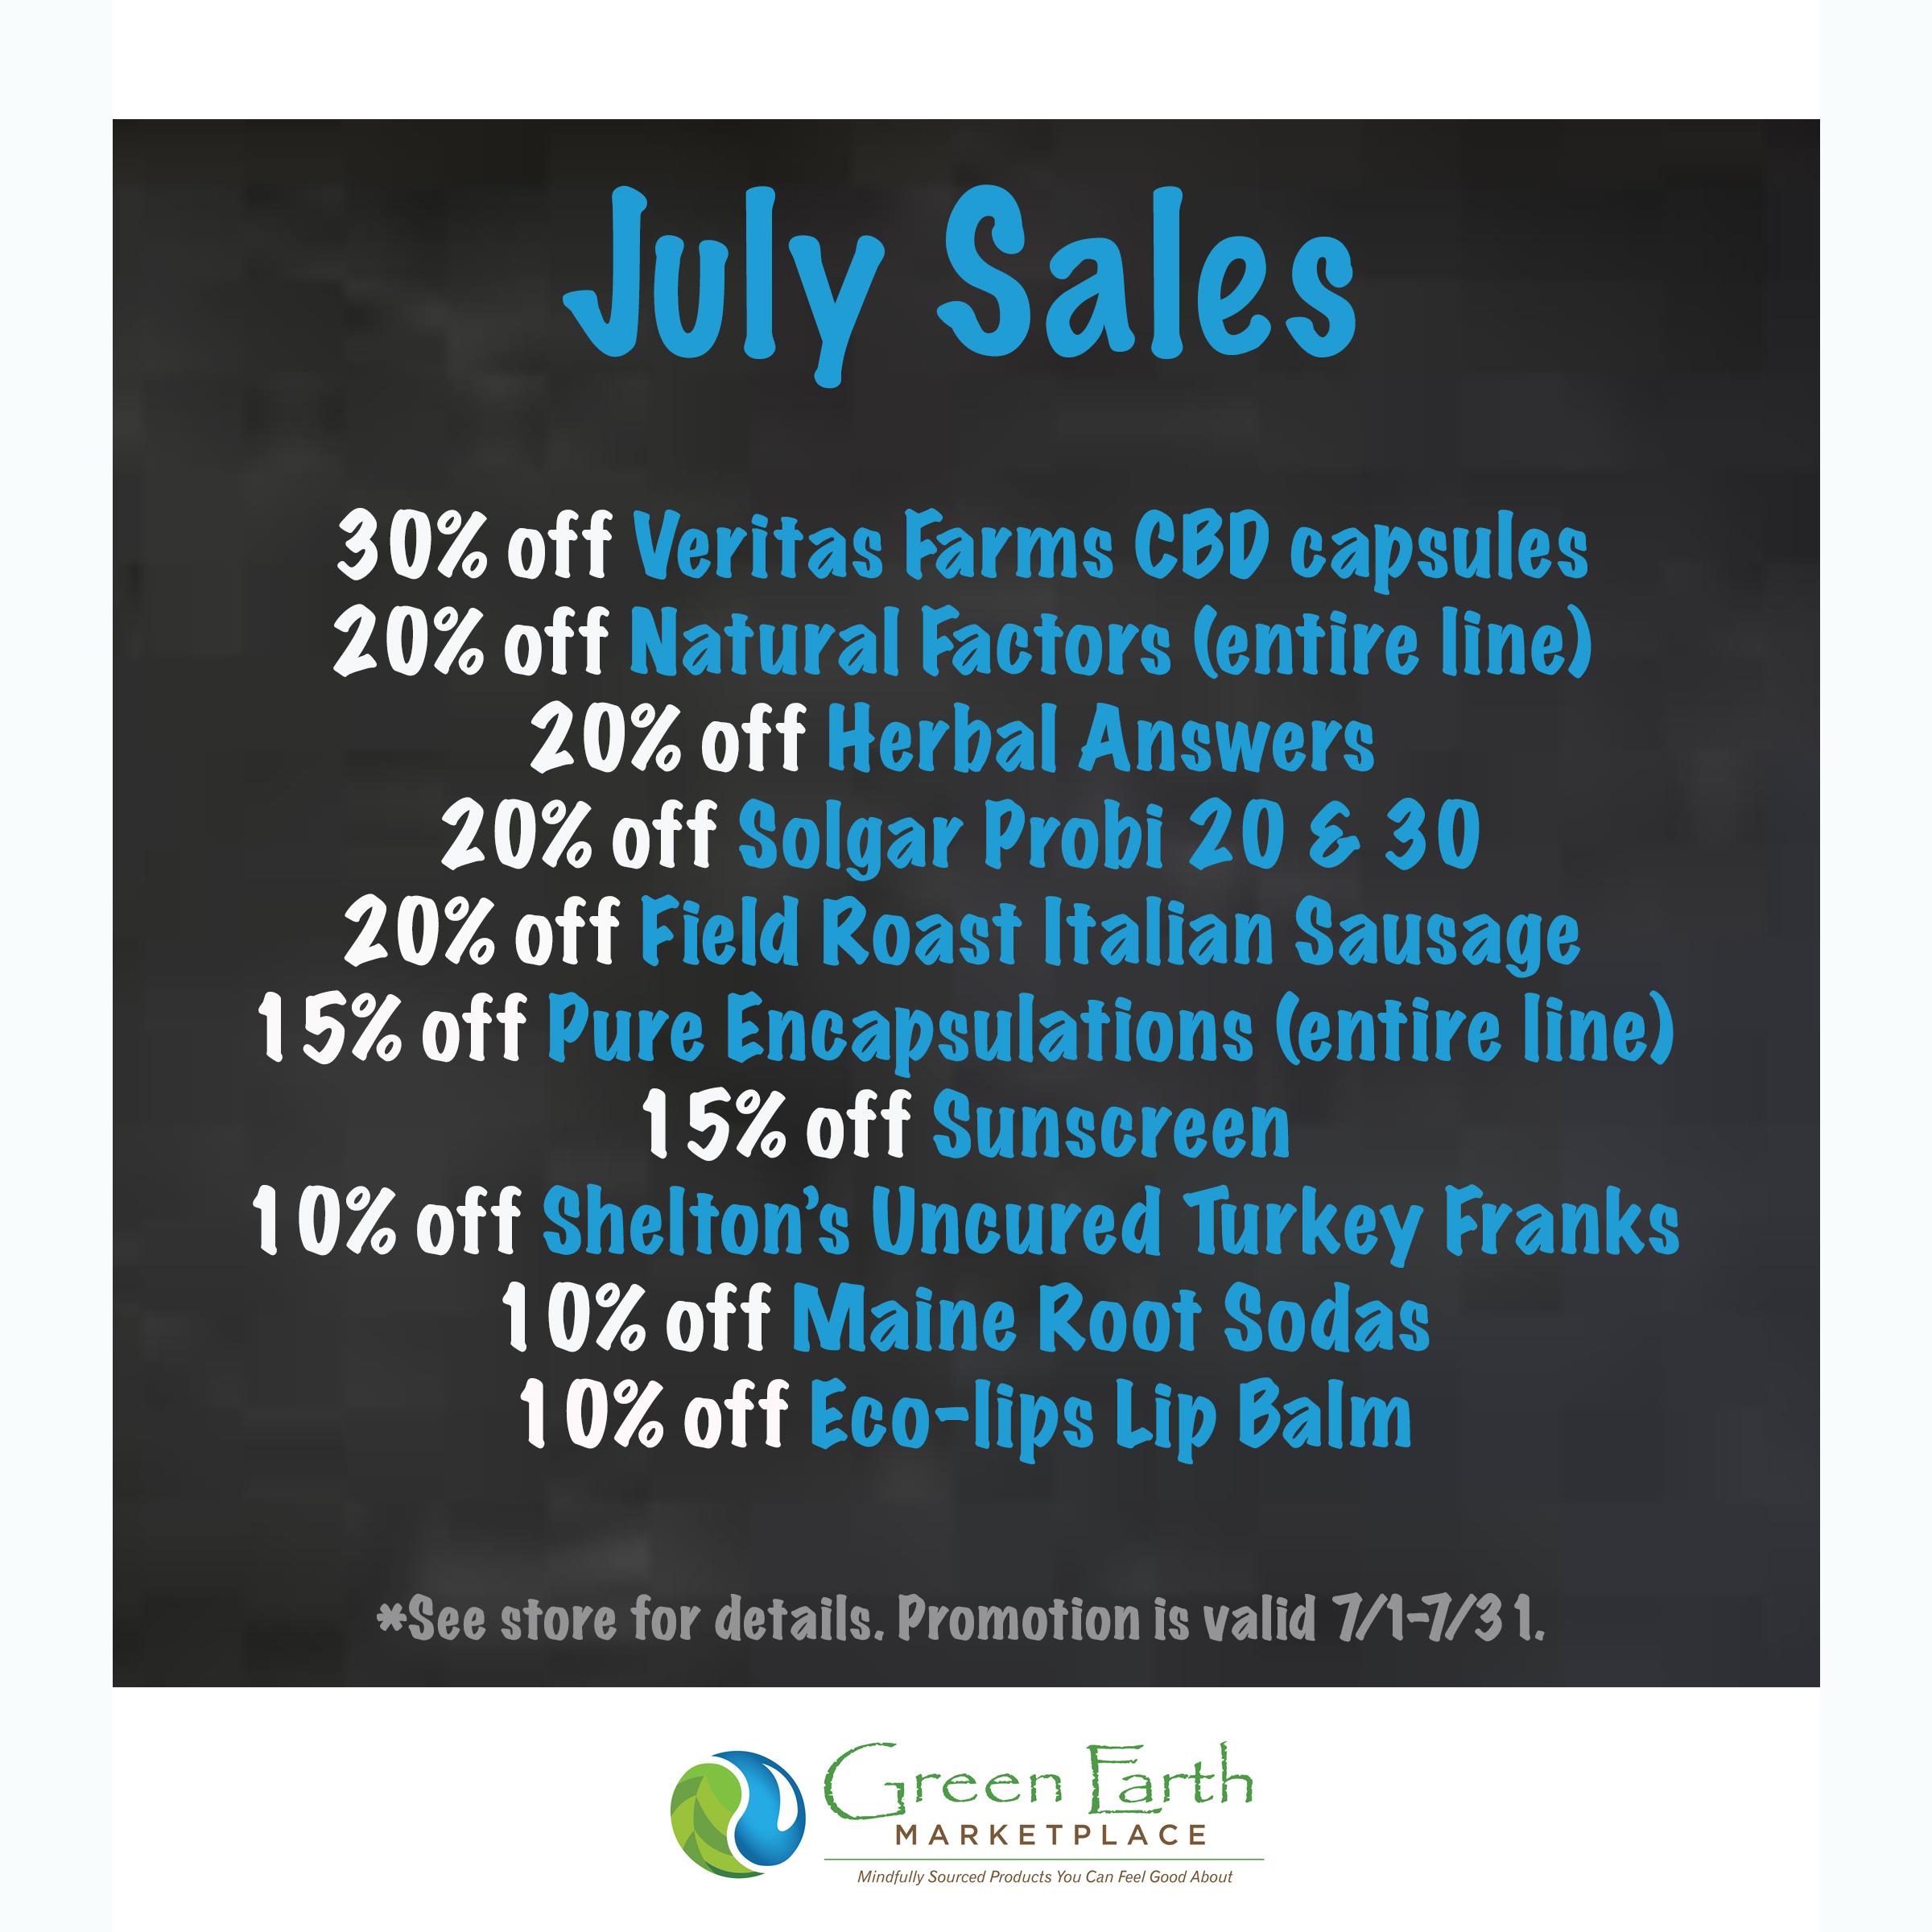 2020 July Sales blue